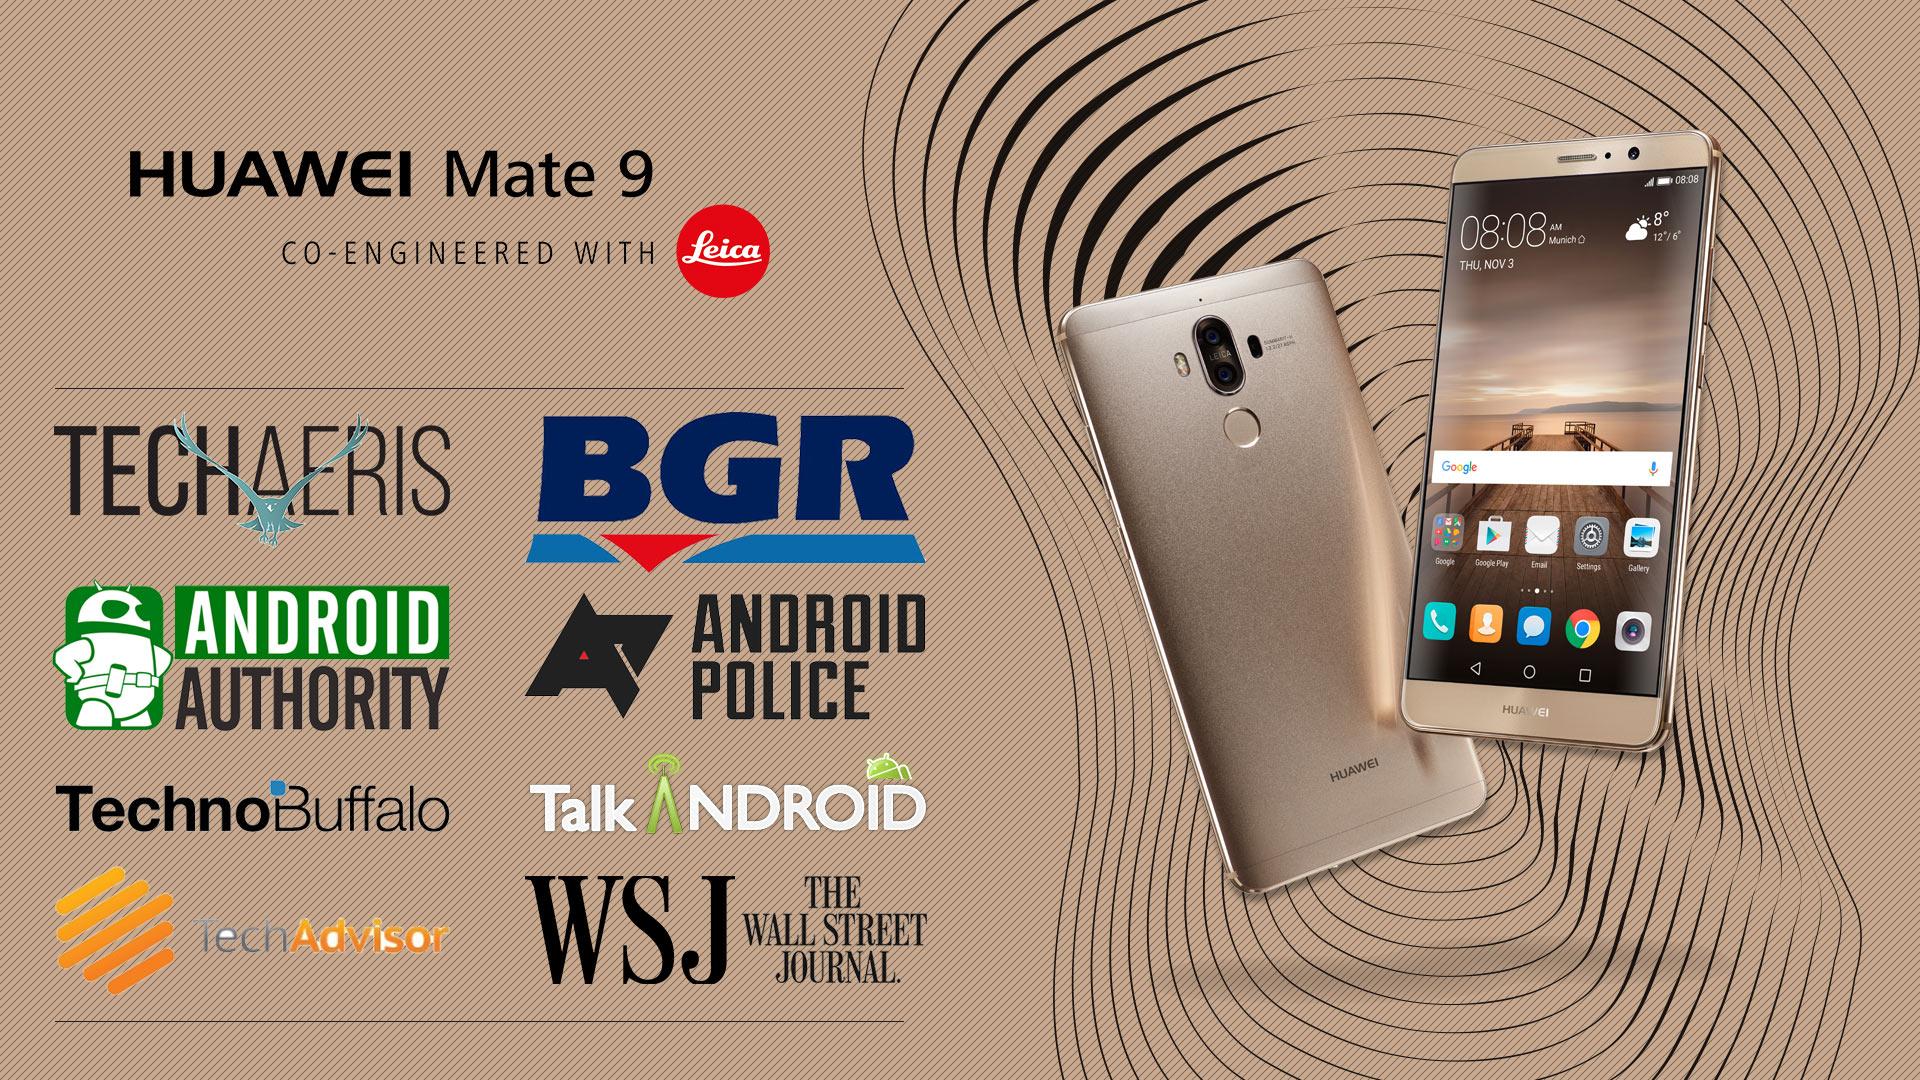 هشت جایزه ارزشمند CES 2017 برای Mate 9 هواوی